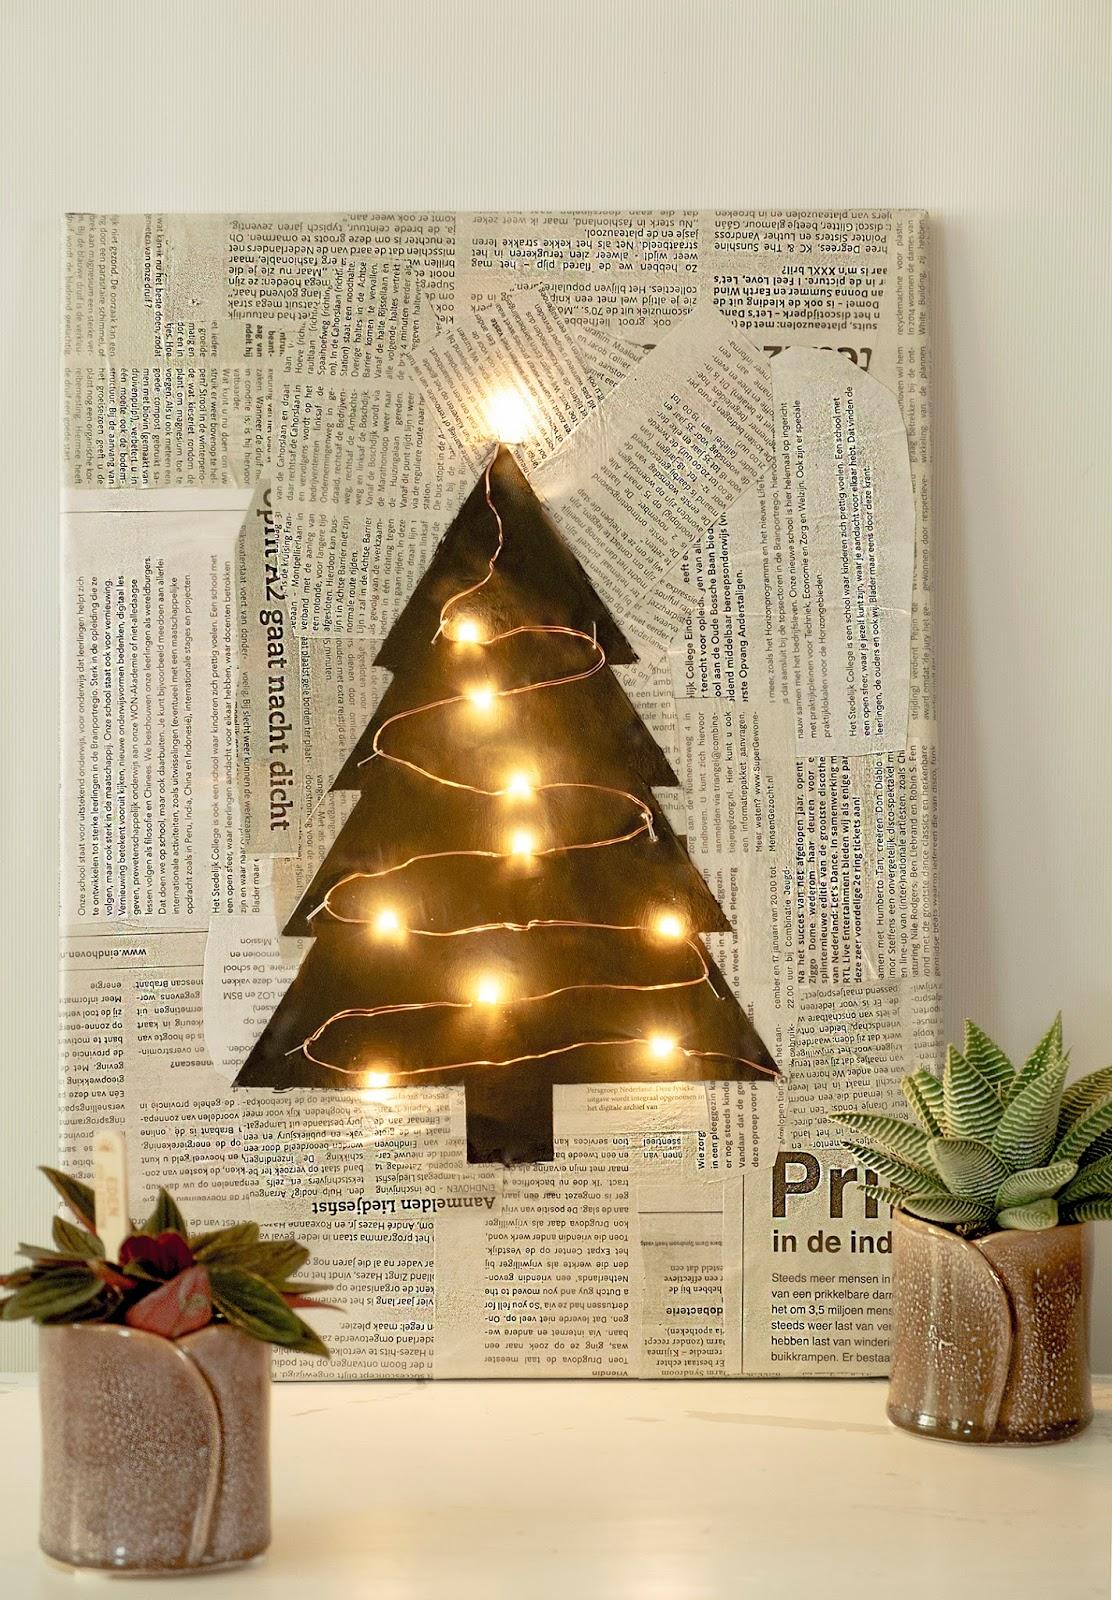 Genoeg Geweldig idee voor Kerst - Diy Kerst decoratie - | ElsaRblog DB26